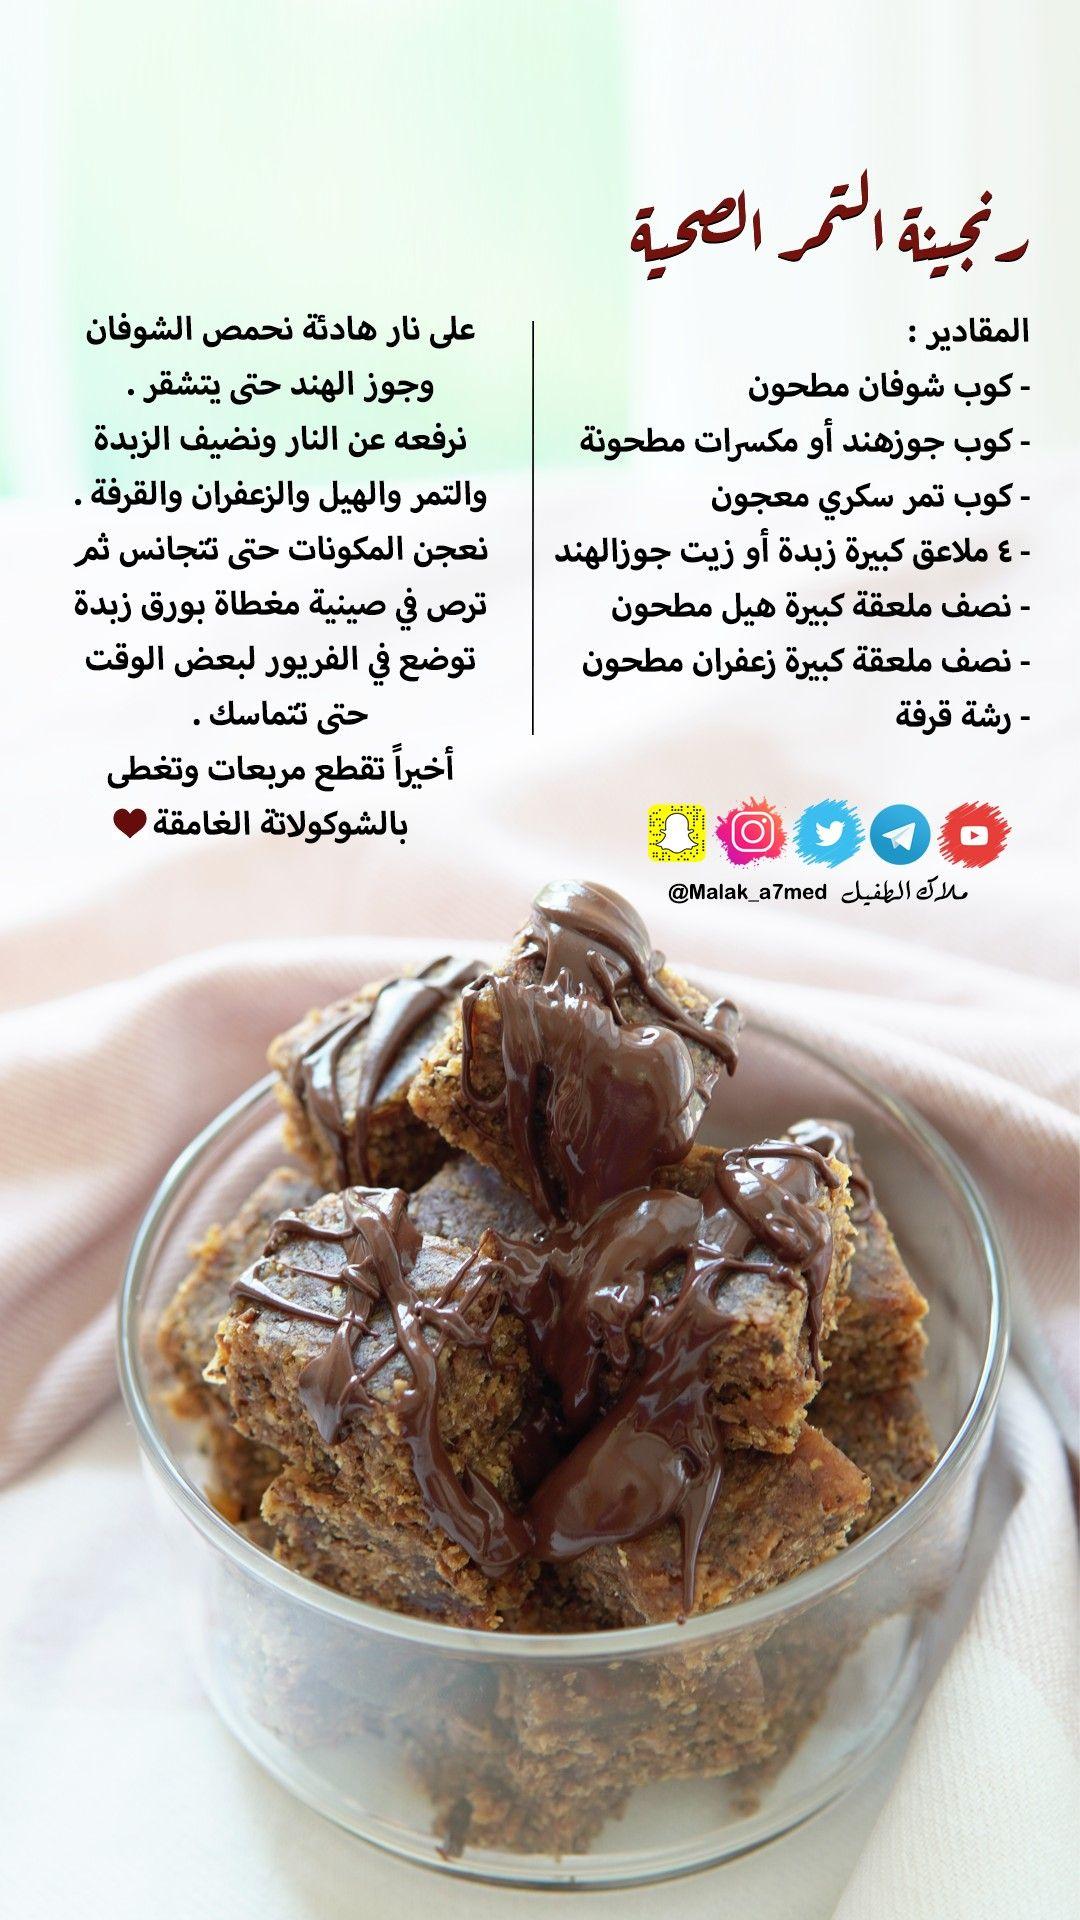 رنجينة التمر الصحية Diy Food Recipes Food Receipes Food Drinks Dessert